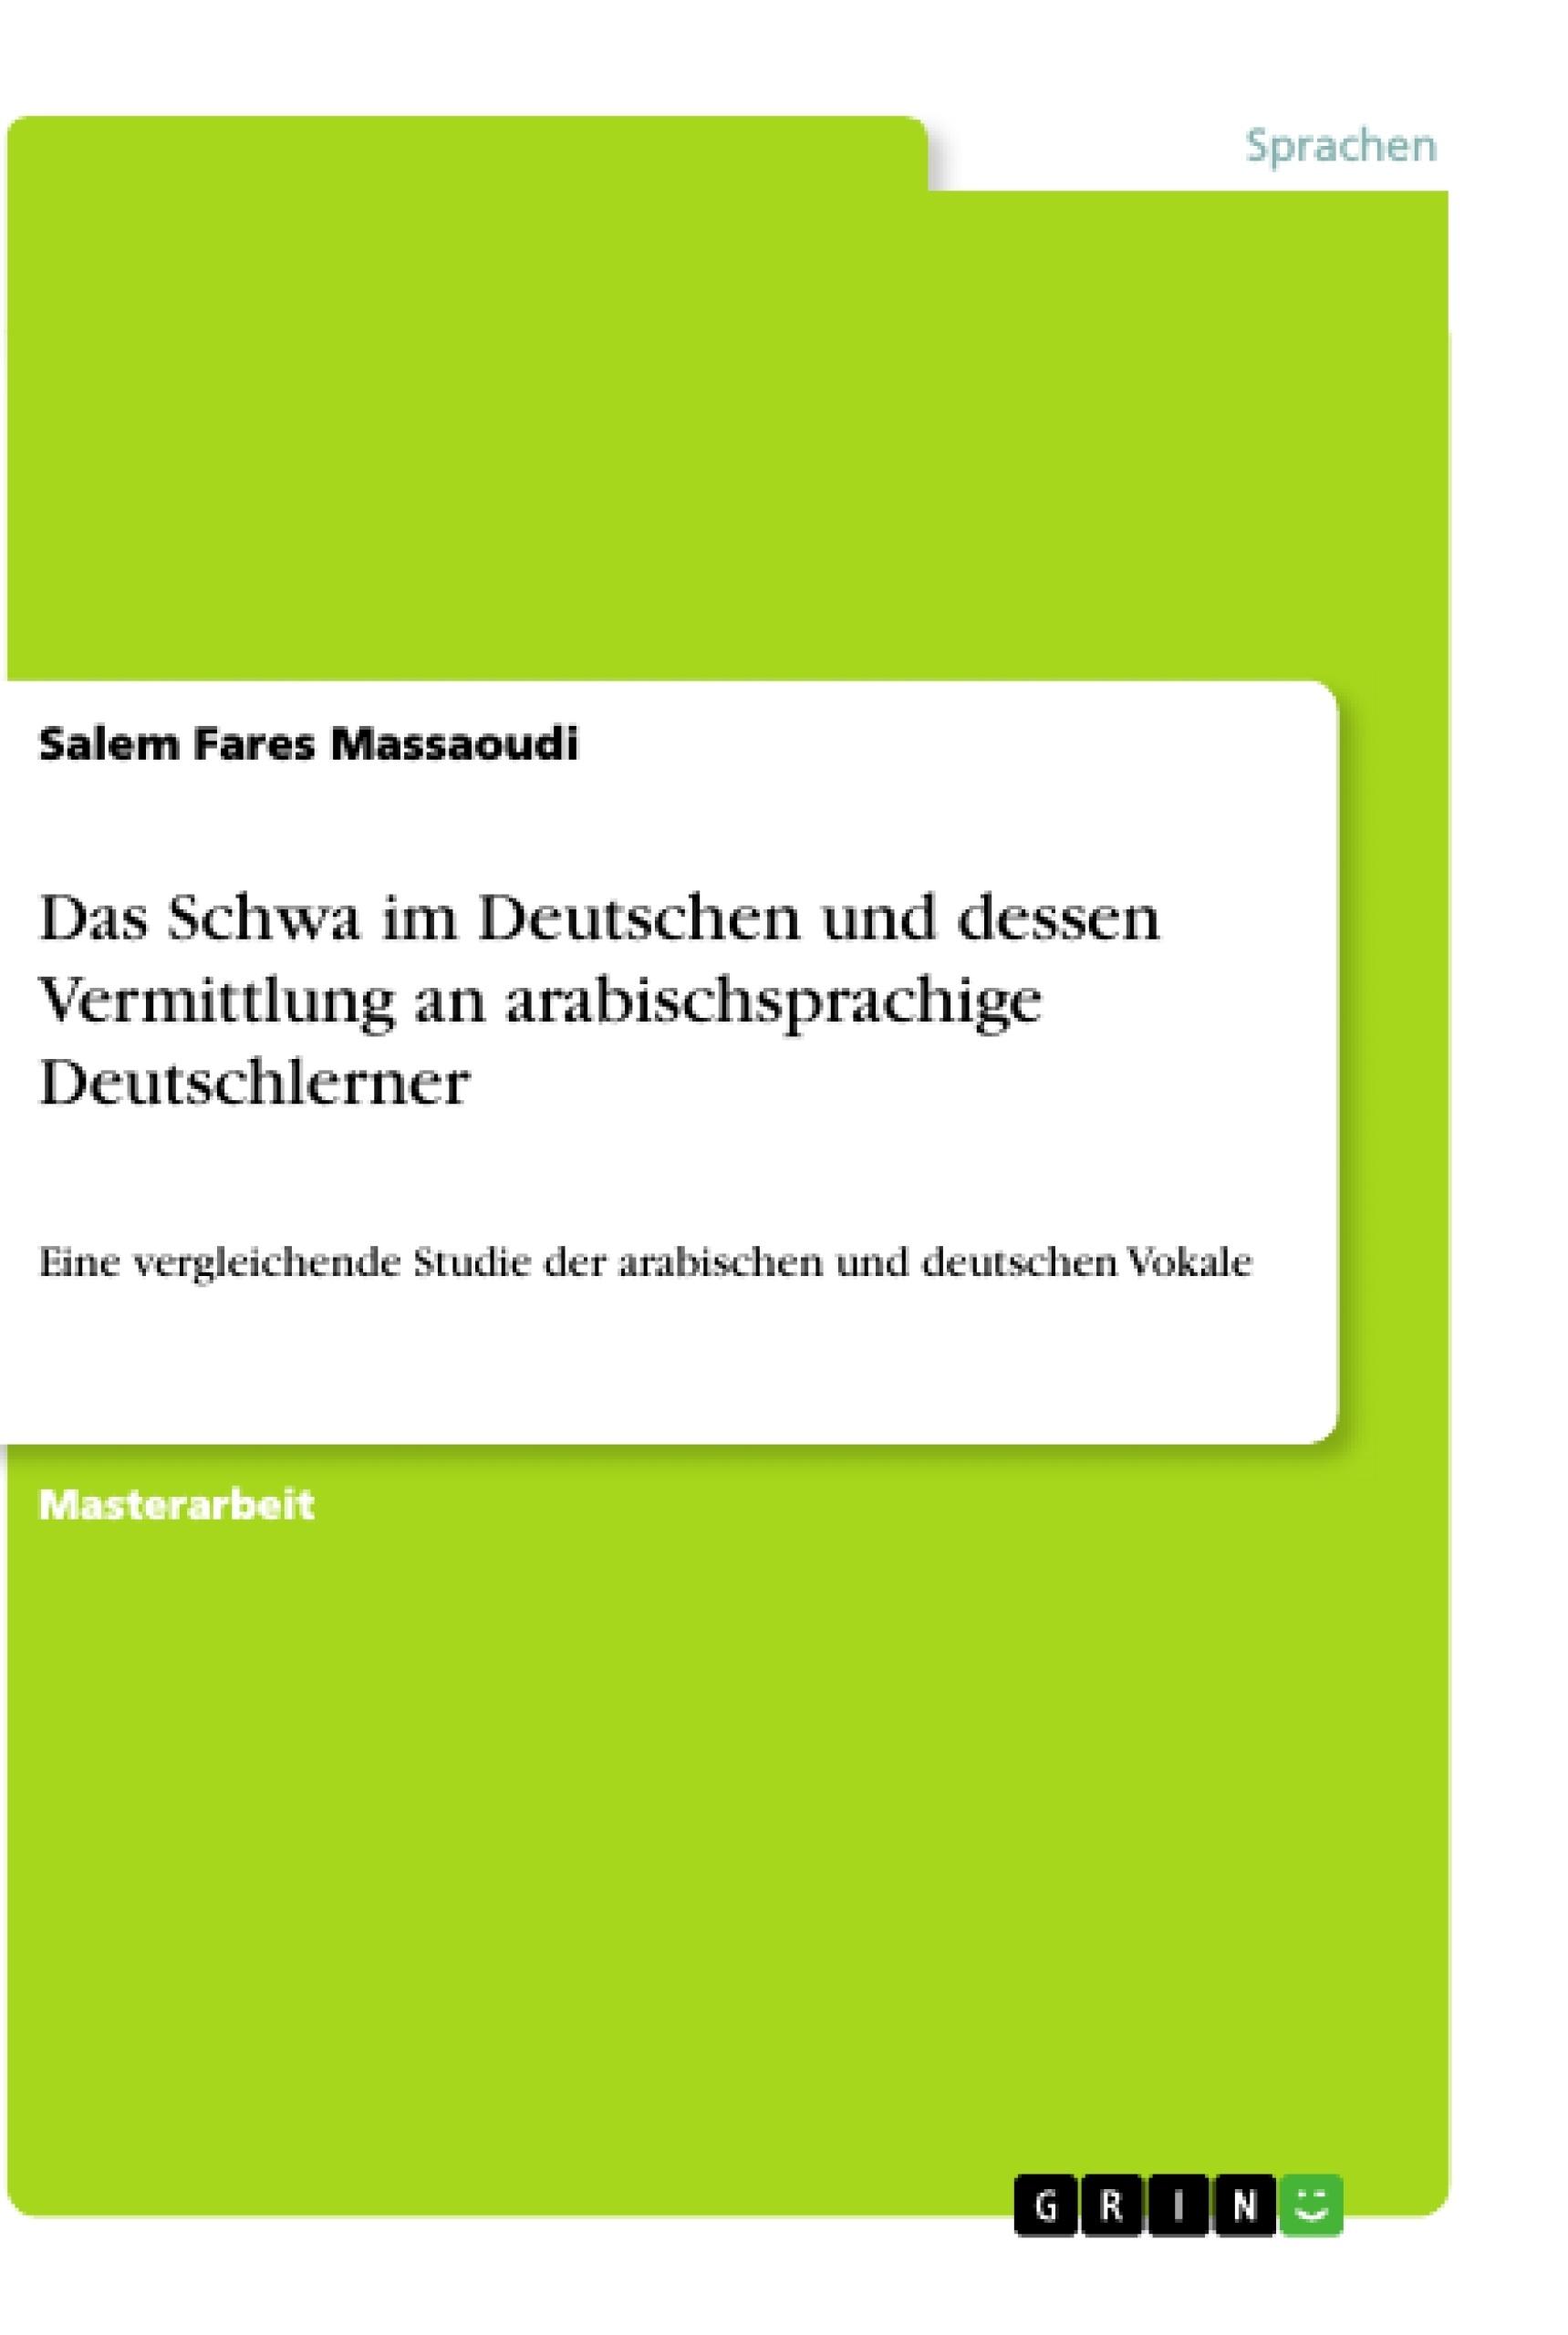 Titel: Das Schwa im Deutschen und dessen Vermittlung an arabischsprachige Deutschlerner